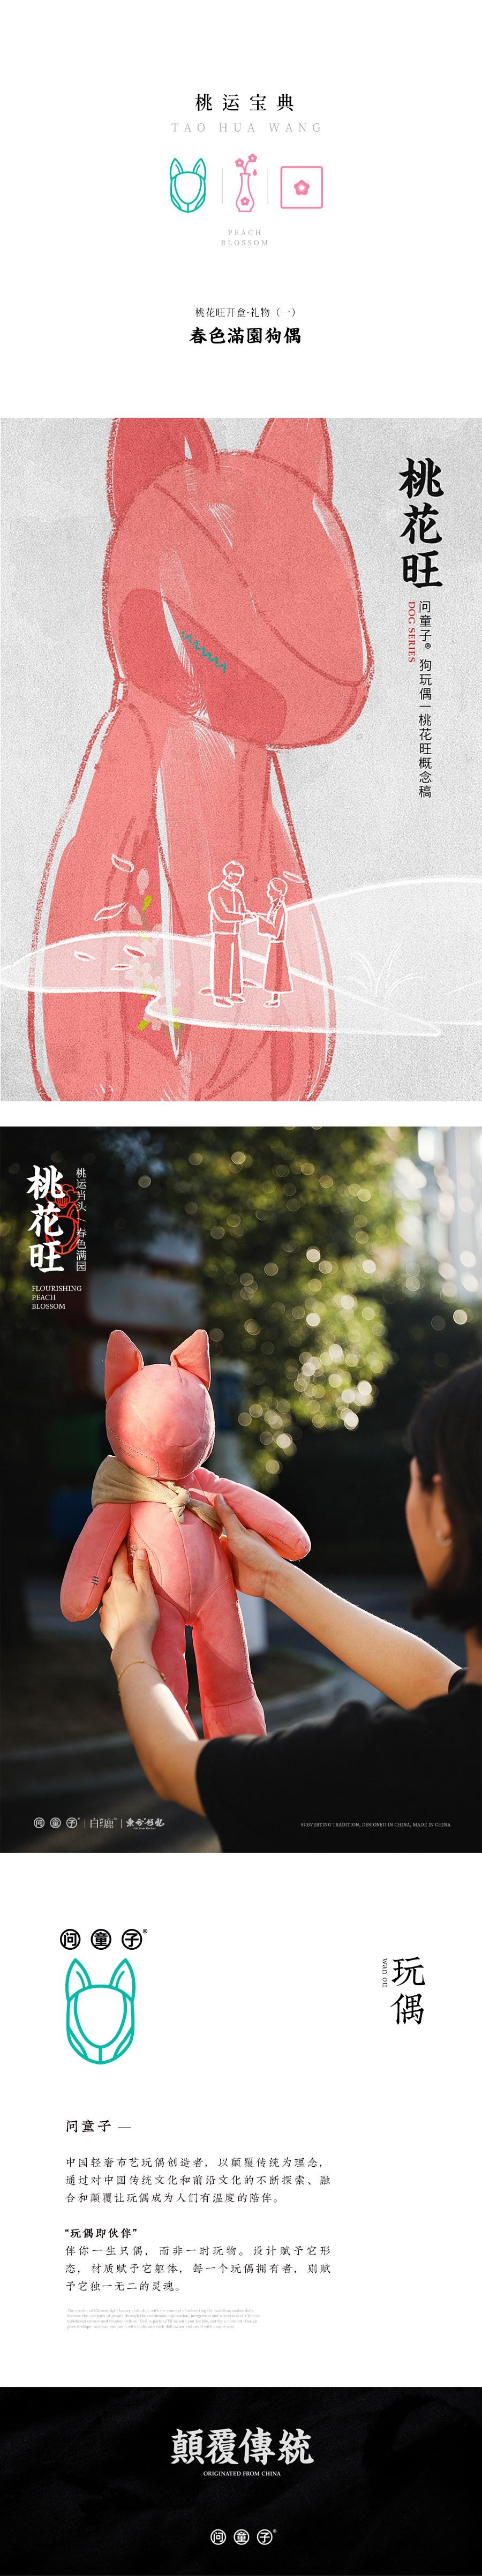 桃園三結義之桃花旺旺七夕特輯